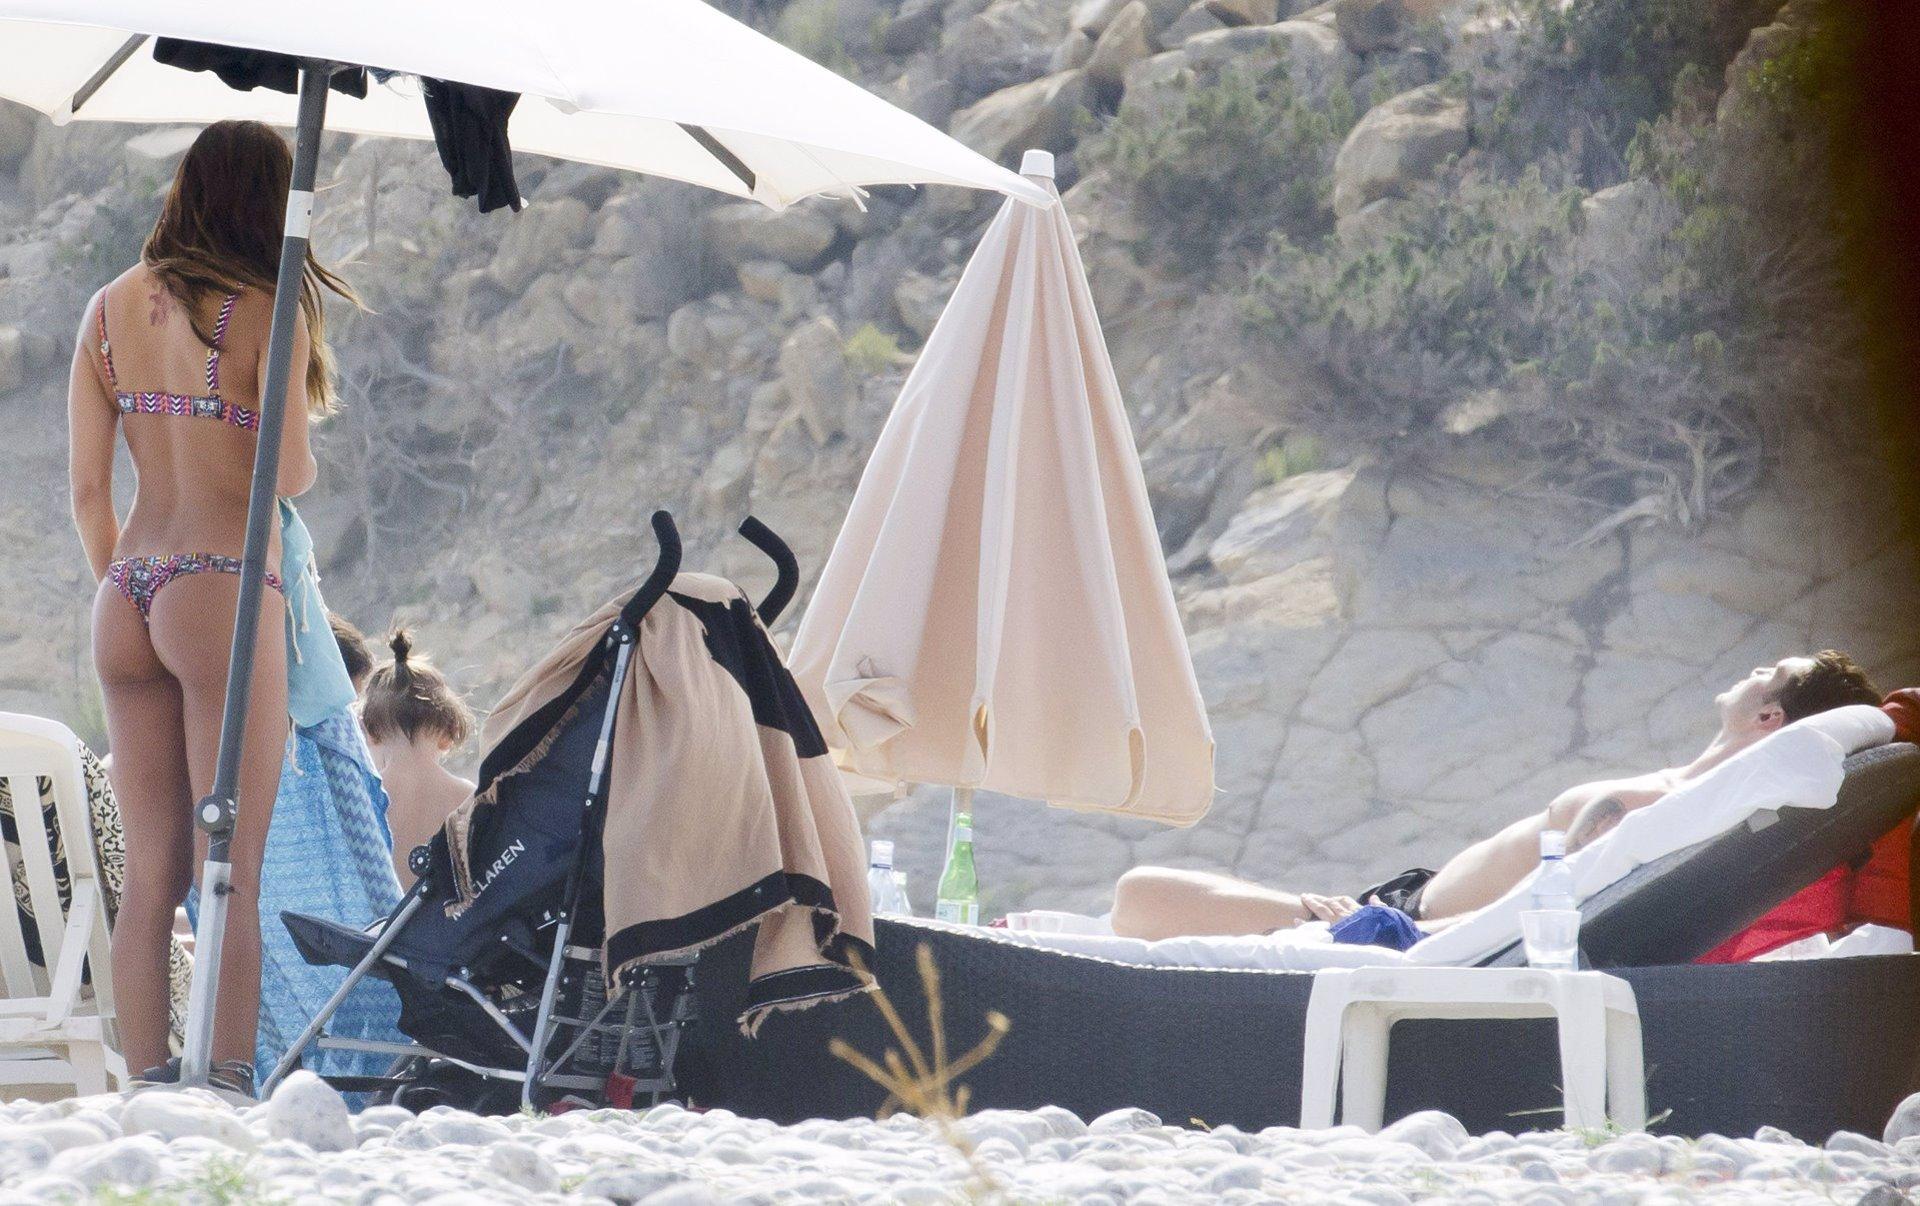 Belén Rodríguez en bikini y Stefano al sol